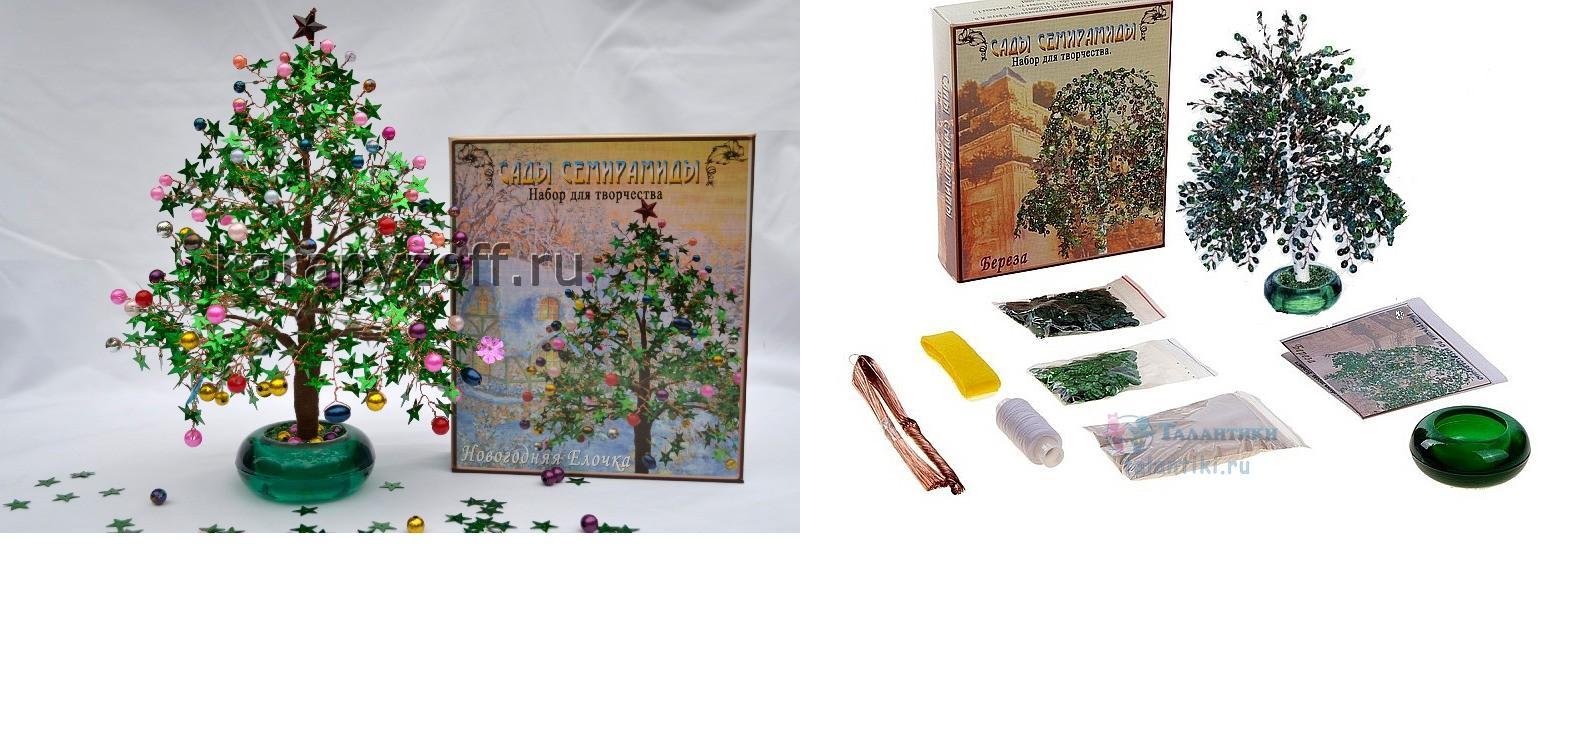 Последний предновогодний сбор! Уникальные наборы для творчества - Сады Семирамиды. Отличный новогодний подарок от 125